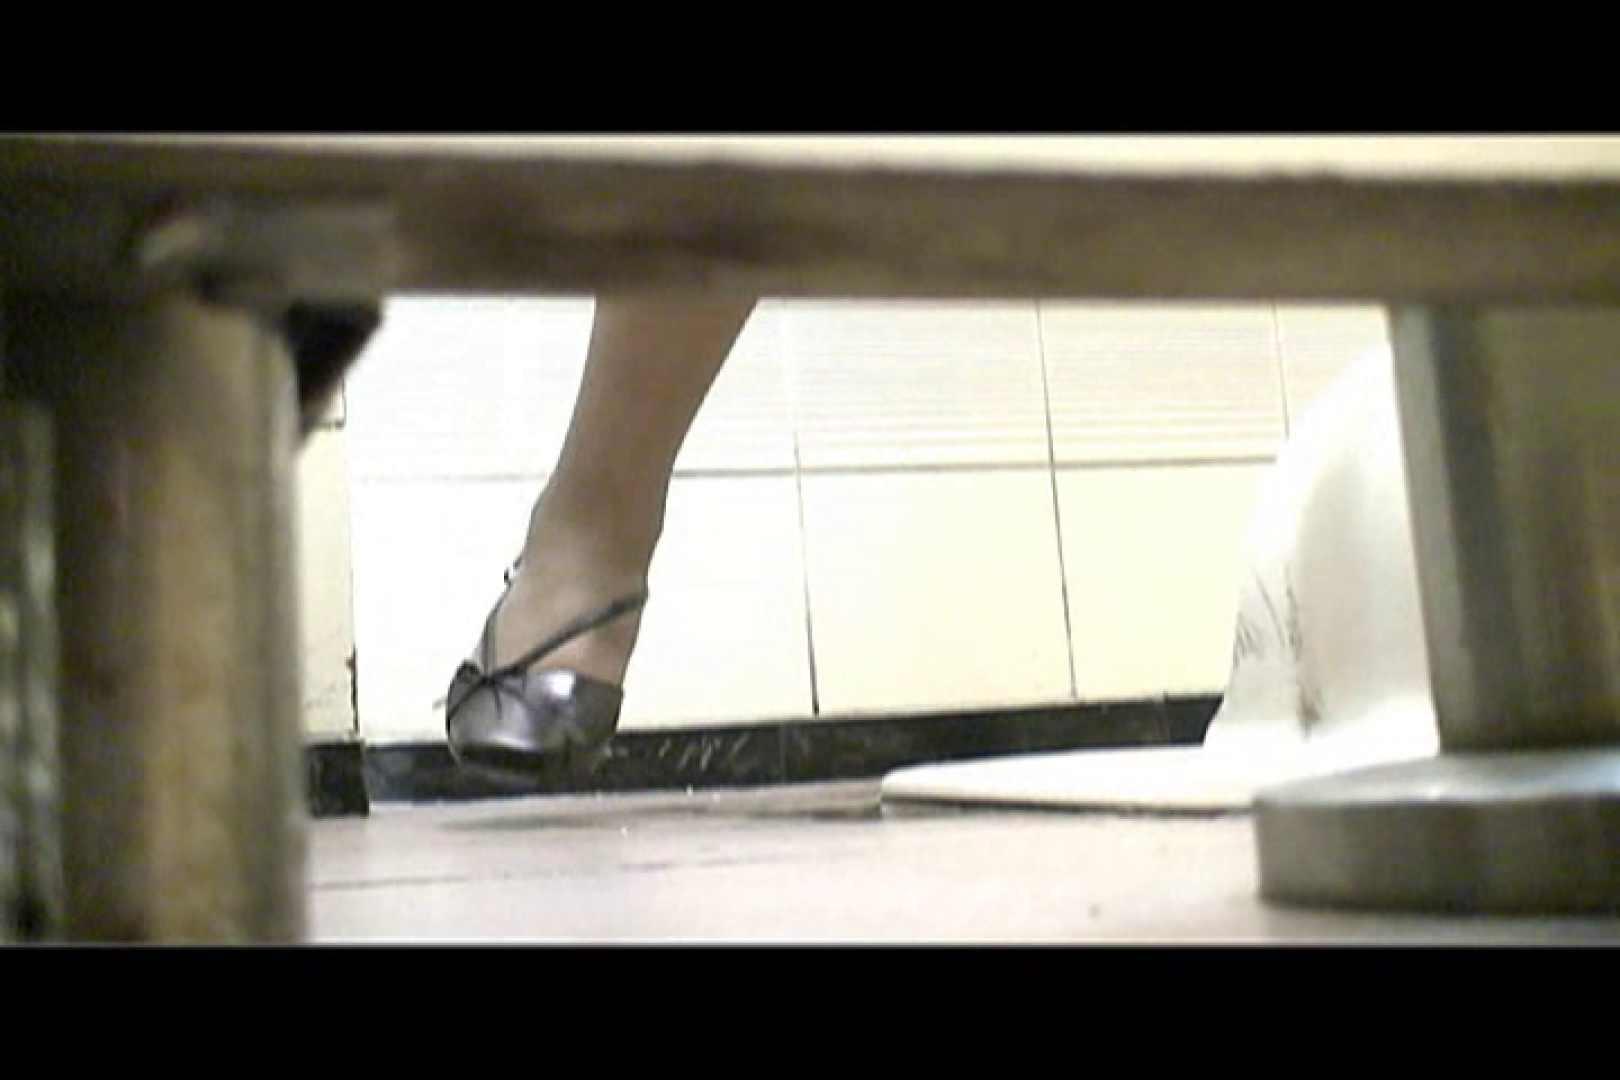 マンコ丸見え女子洗面所Vol.6 盗撮師作品 おまんこ無修正動画無料 98pic 94